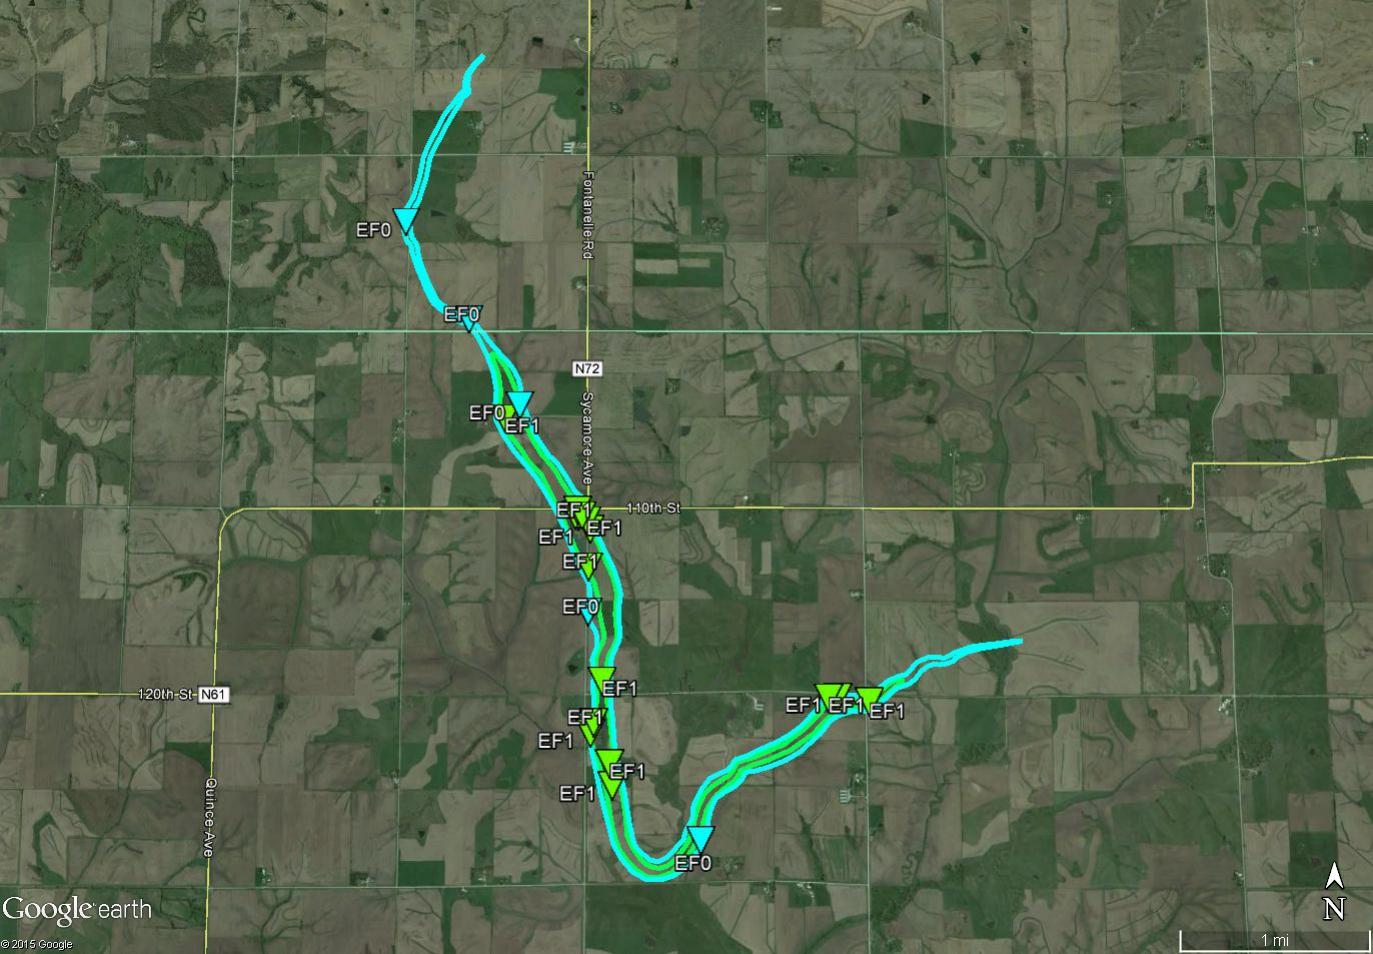 Figure 5: August 2, 2015 EF1 tornado track in Adair and Adams County.